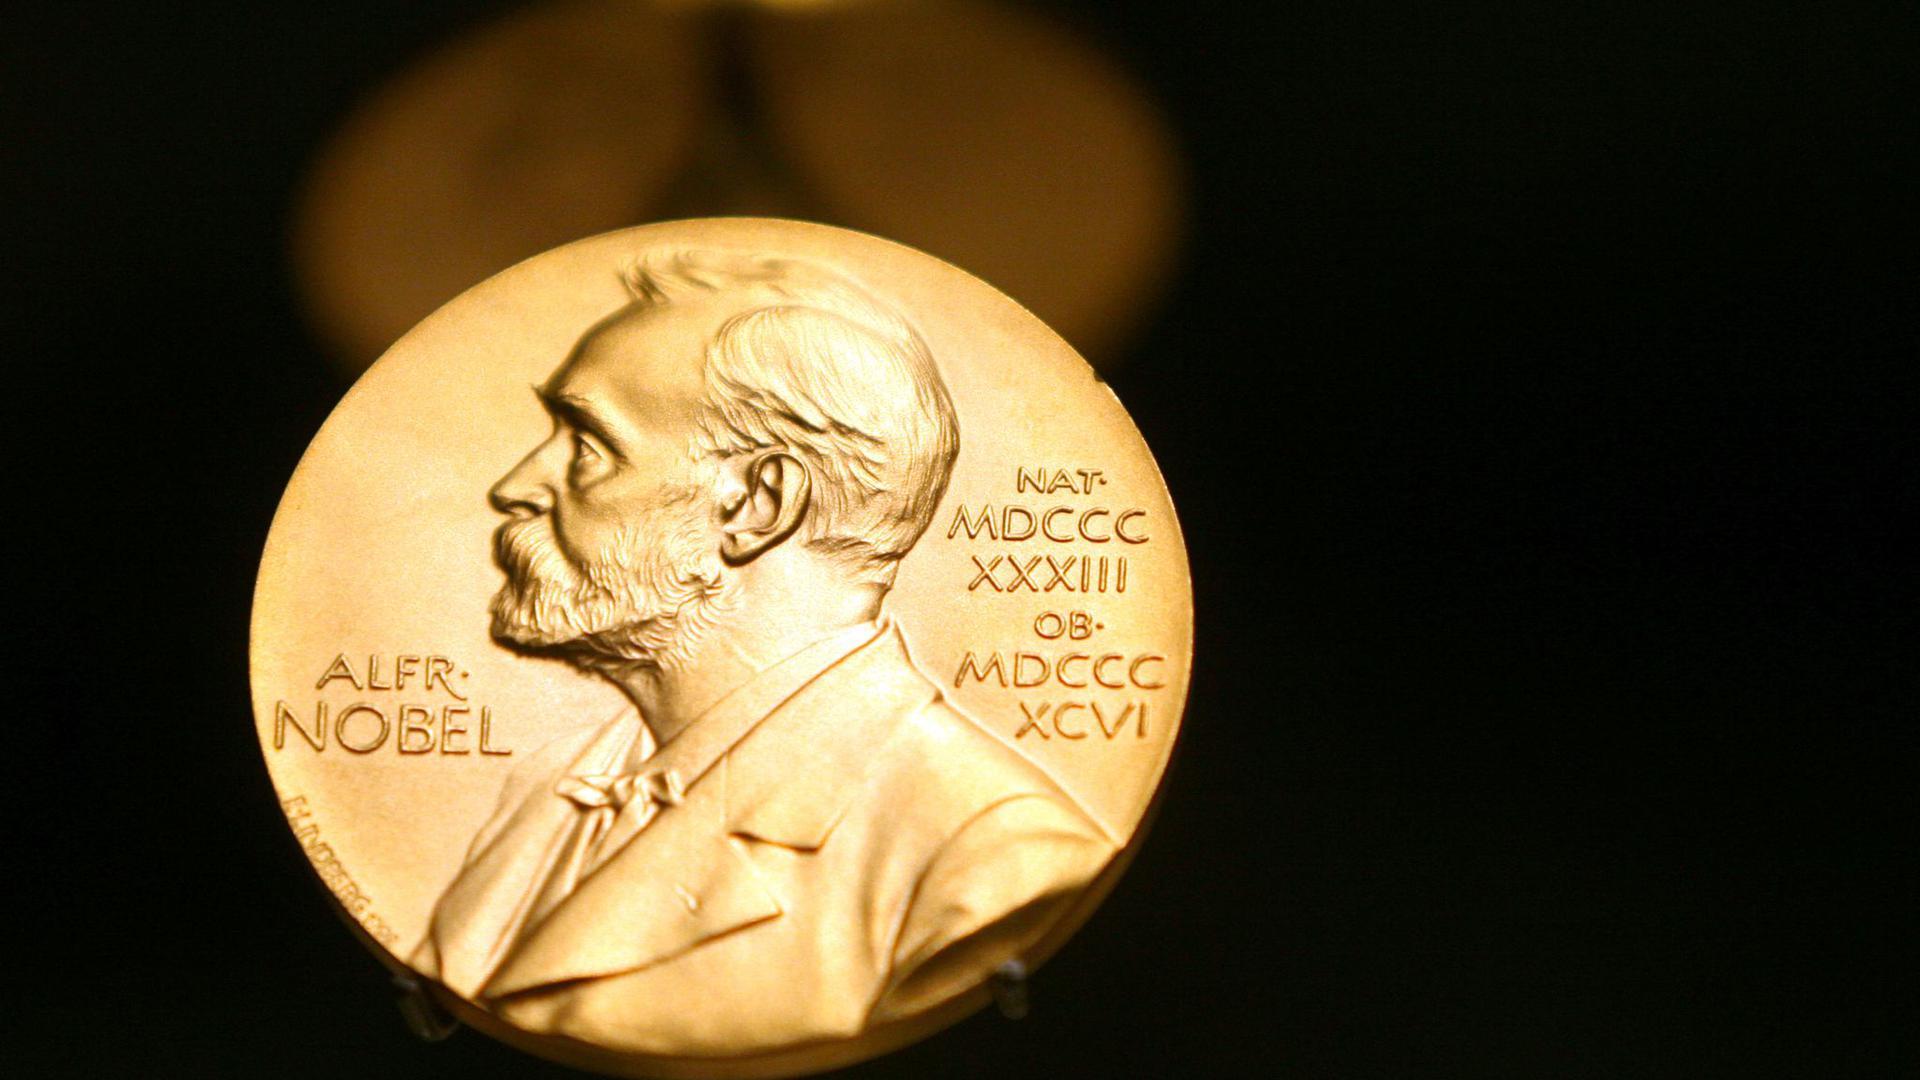 Eine Medaille mit dem Konterfei von Alfred Nobel ist im Nobel Museum zu sehen.